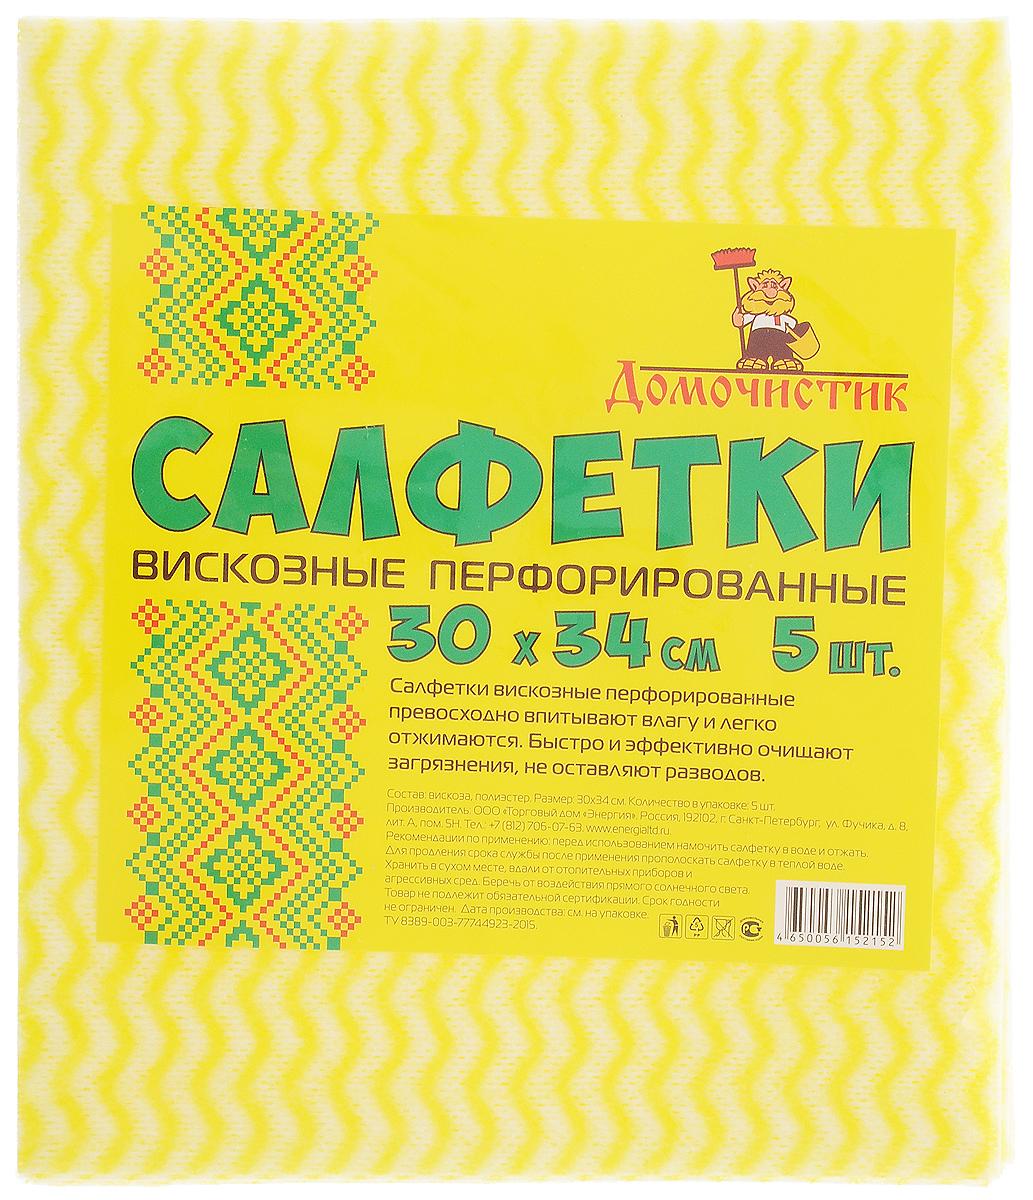 Салфетка для уборки Домочистик из вискозы, перфорированная, цвет: желтый, 30 x 34 см, 5 шт13007_желтыйПерфорированные салфетки для уборки Домочистик выполнены из вискозы, превосходно впитывают влагу и легко отжимаются. Быстро и эффективно очищают загрязнения, не оставляют разводов. Рекомендации по применению: Перед использованием намочить салфетку в воде и отжать. Для продления срока службы после применения прополоскать в теплой воде. Хранить в сухом месте, вдали отопительных приборов и агрессивных сред.